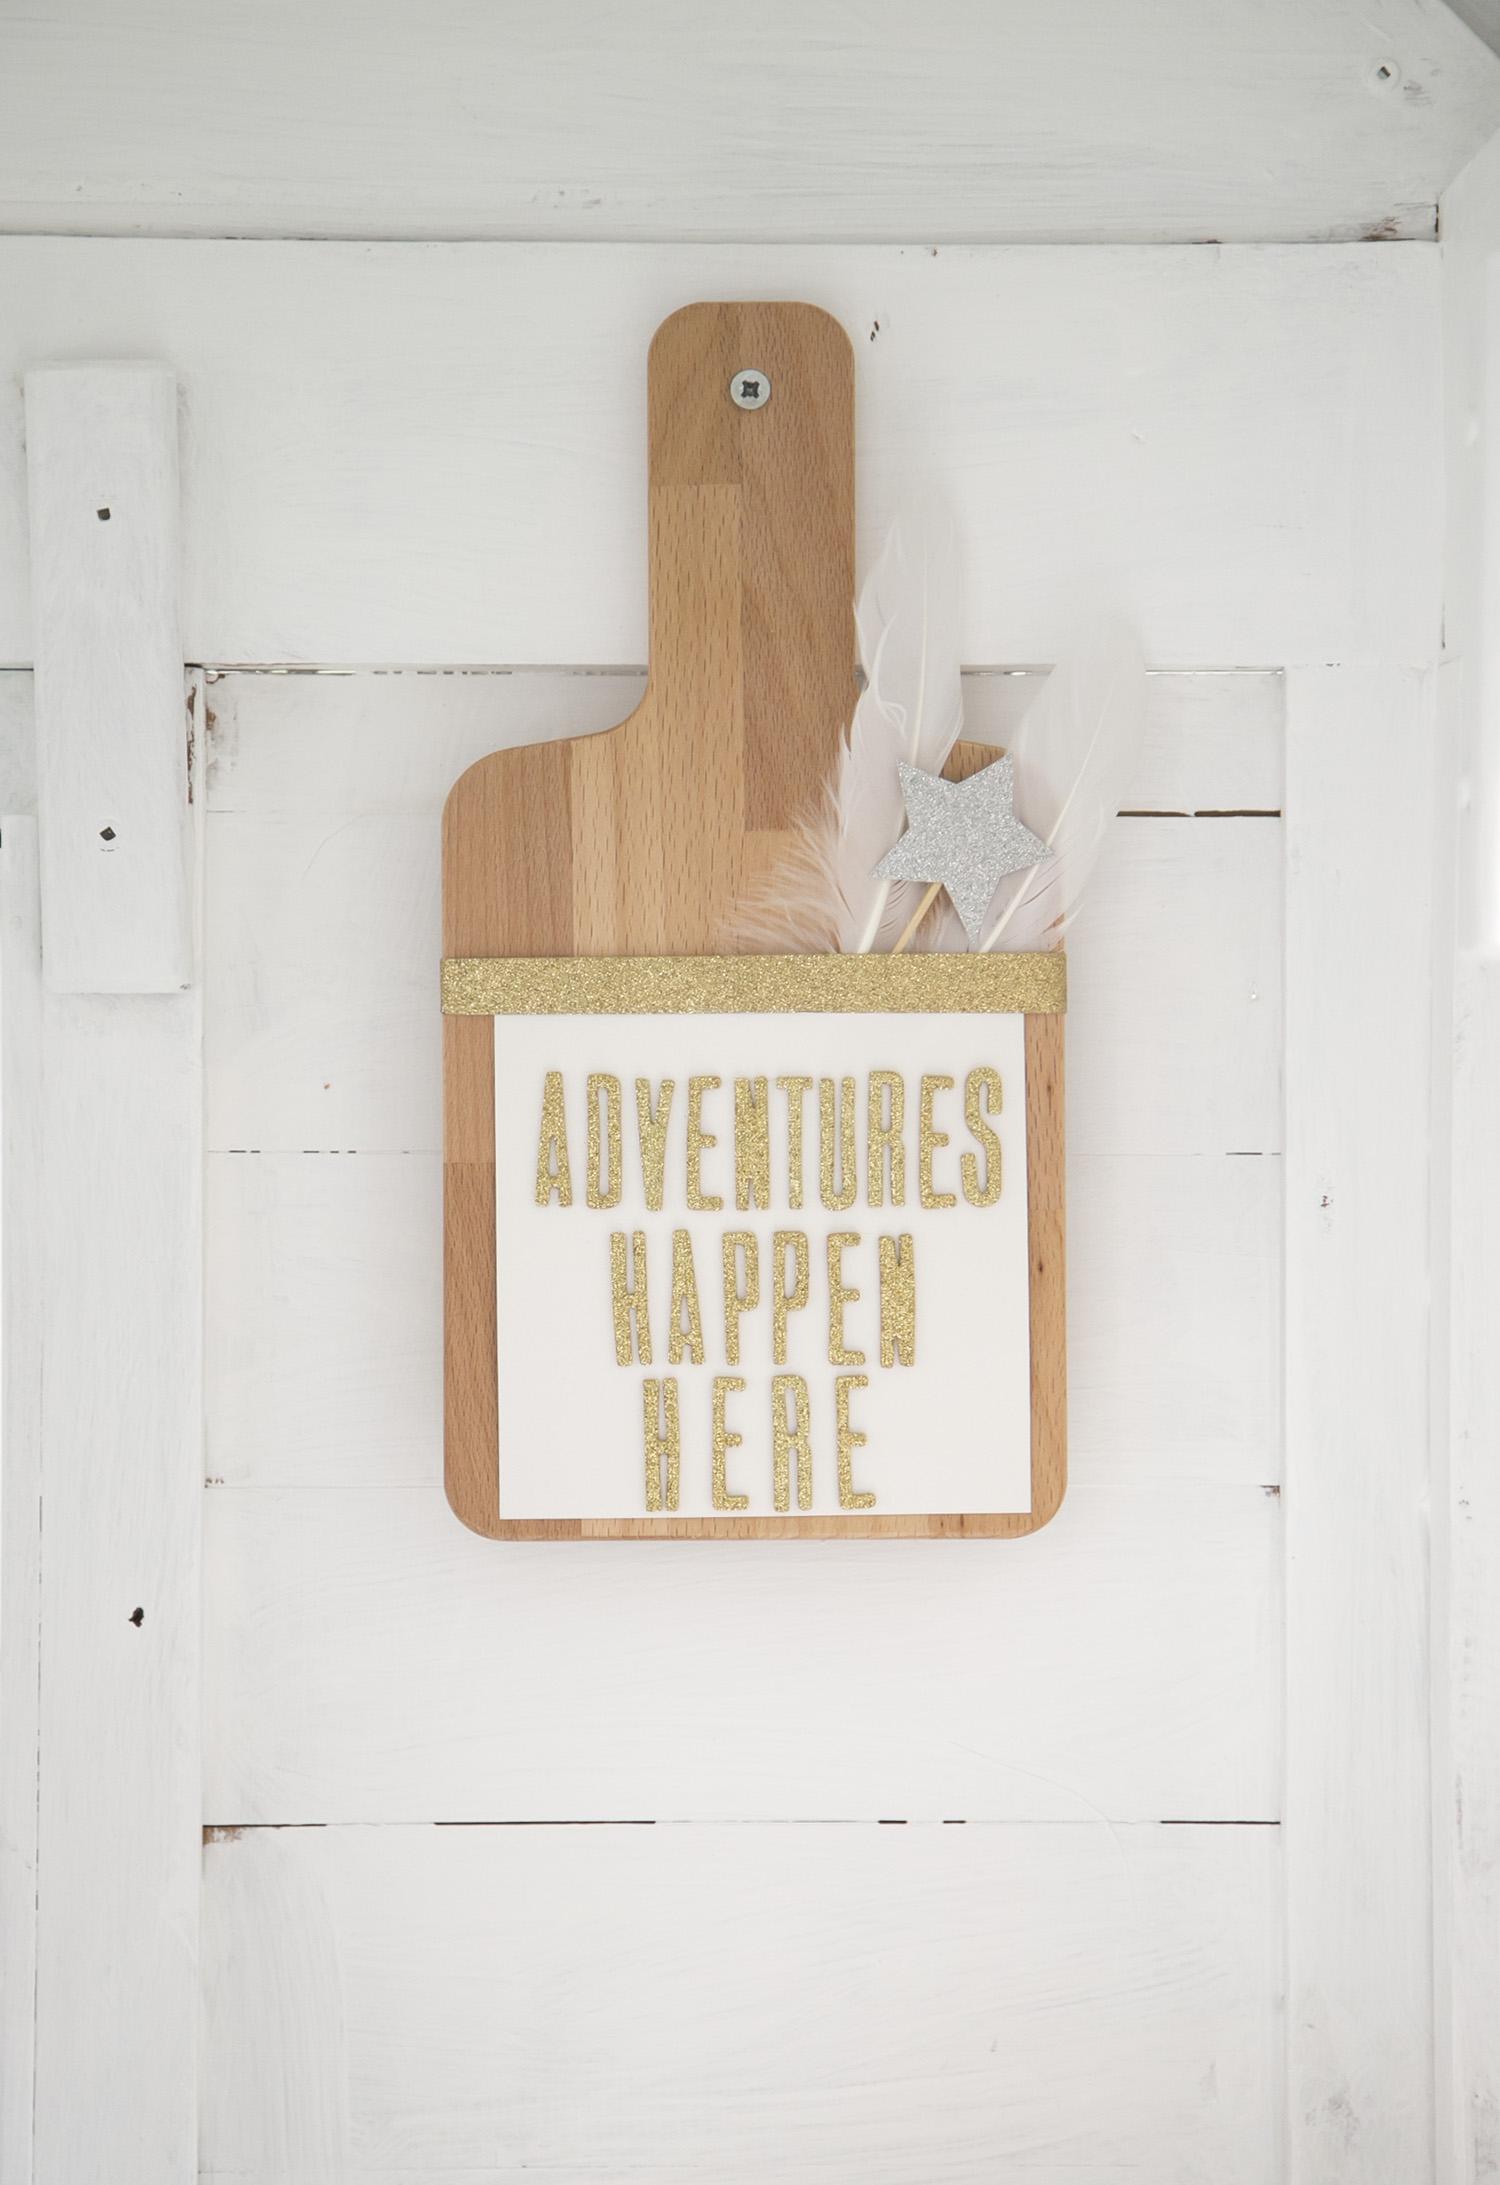 """""""adventures happen here"""" sign"""